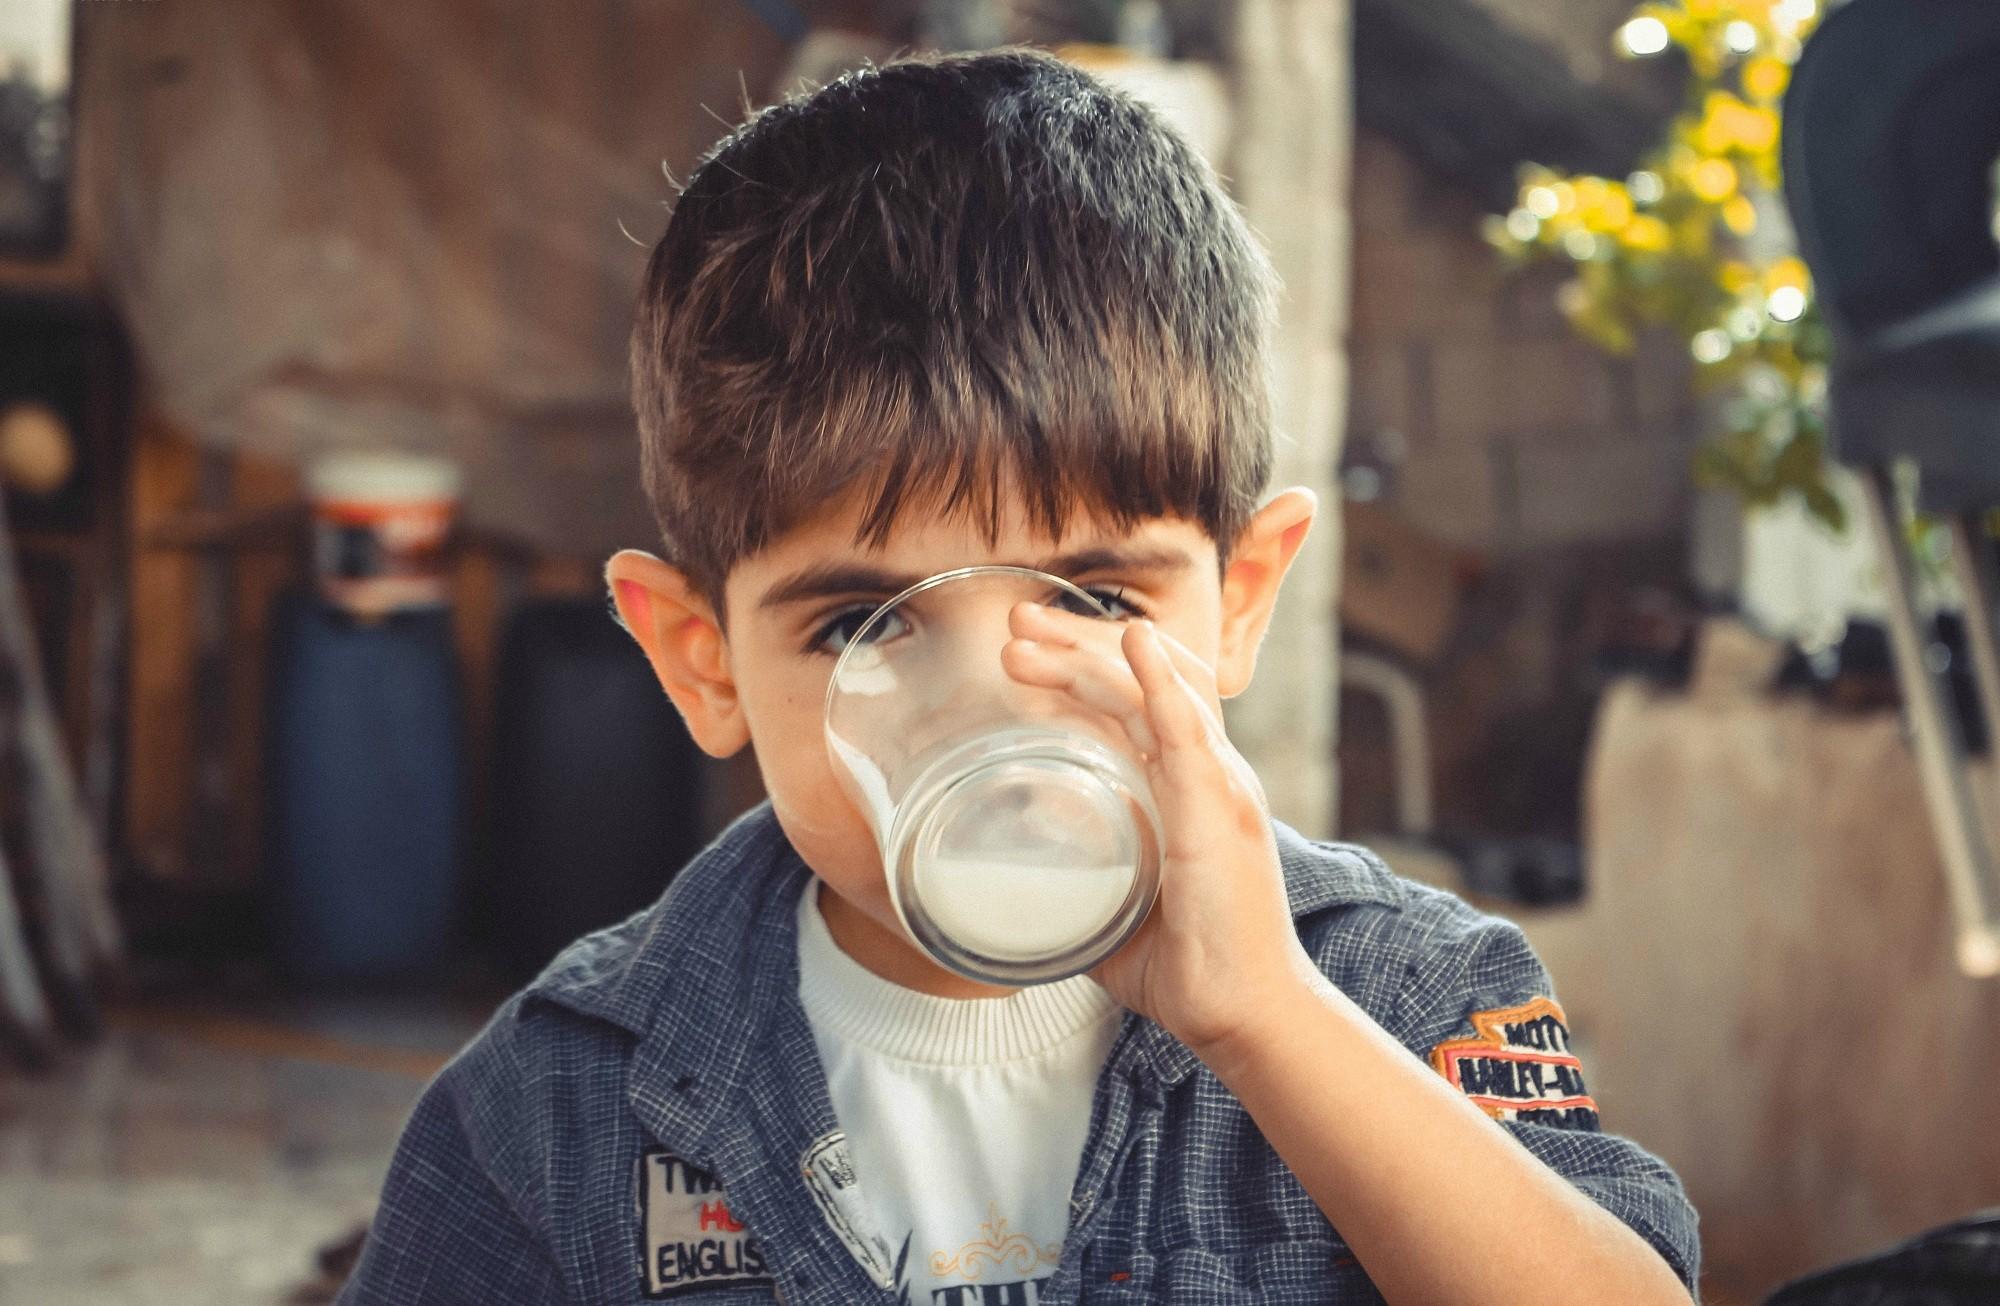 Meu filho não toma leite. E agora? (Foto: Pexels/ samer daboul)